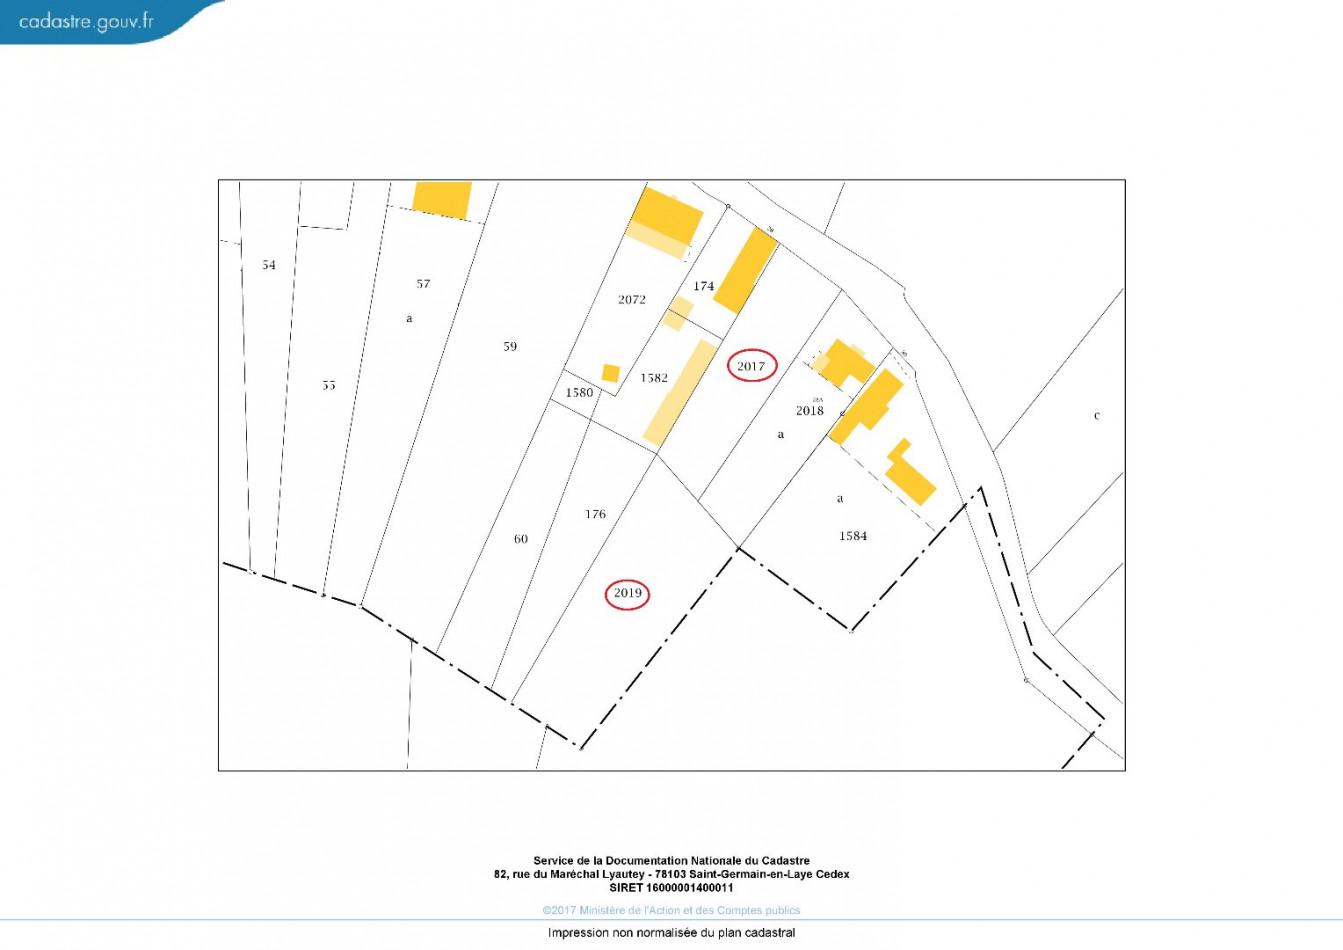 Terrain Constructible En Vente A Caudry Ref 590064965 Amalia